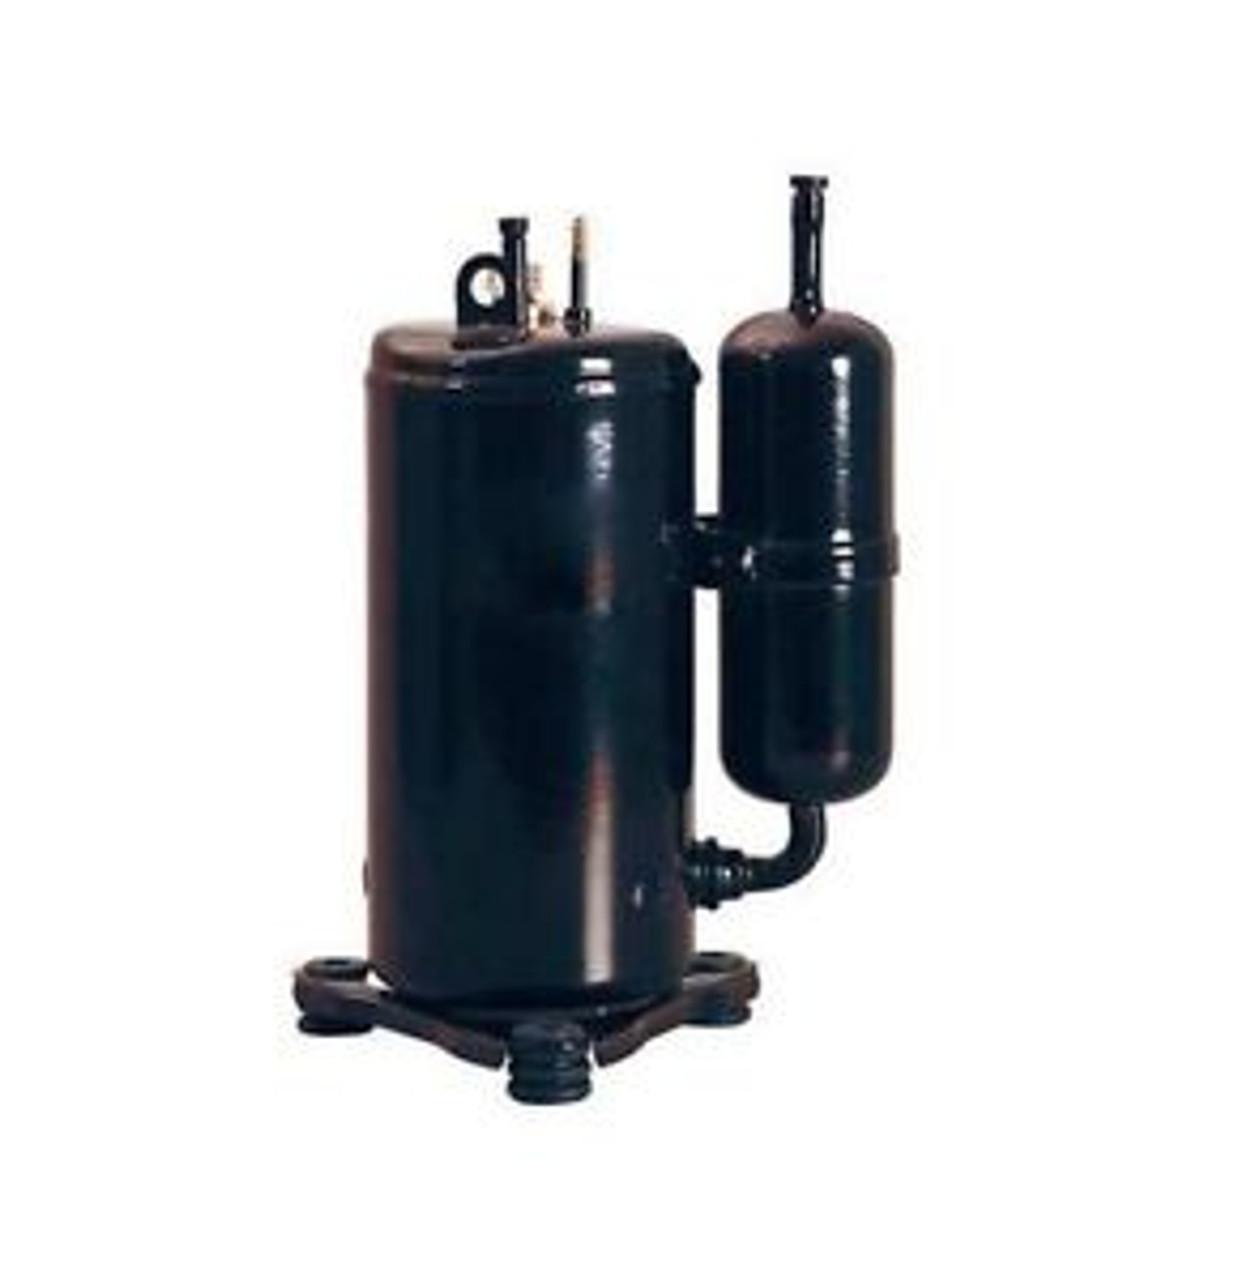 HVAC Refrigeration Compressors C-SB303H6B 49000Btu 208/230V-3Ph ...